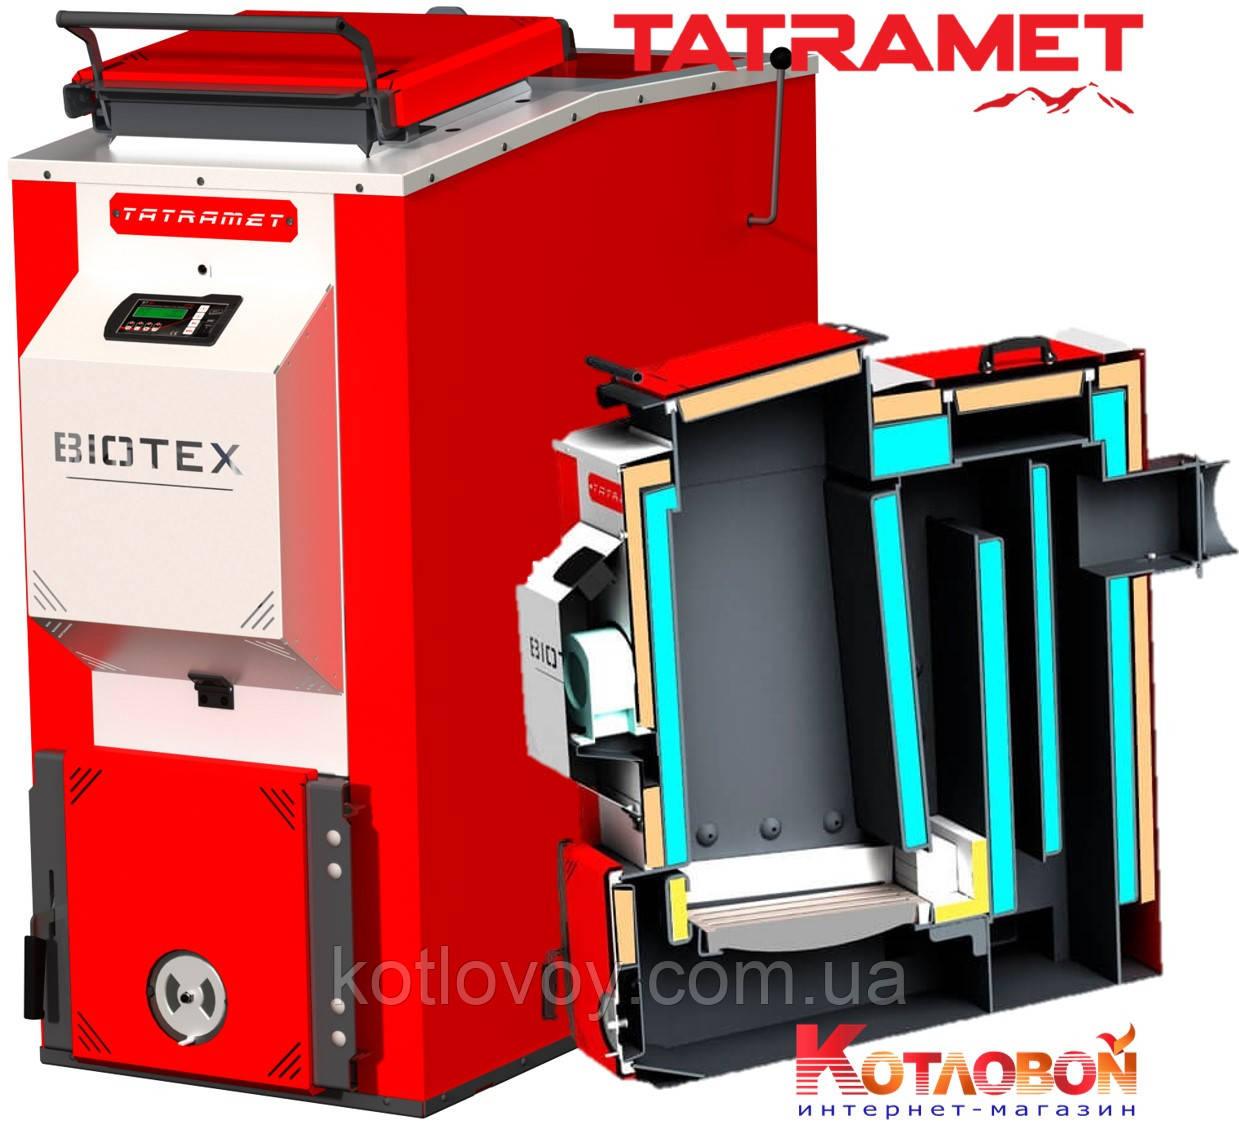 Твердопаливний котел утилізатор Tatramet BIOTEX